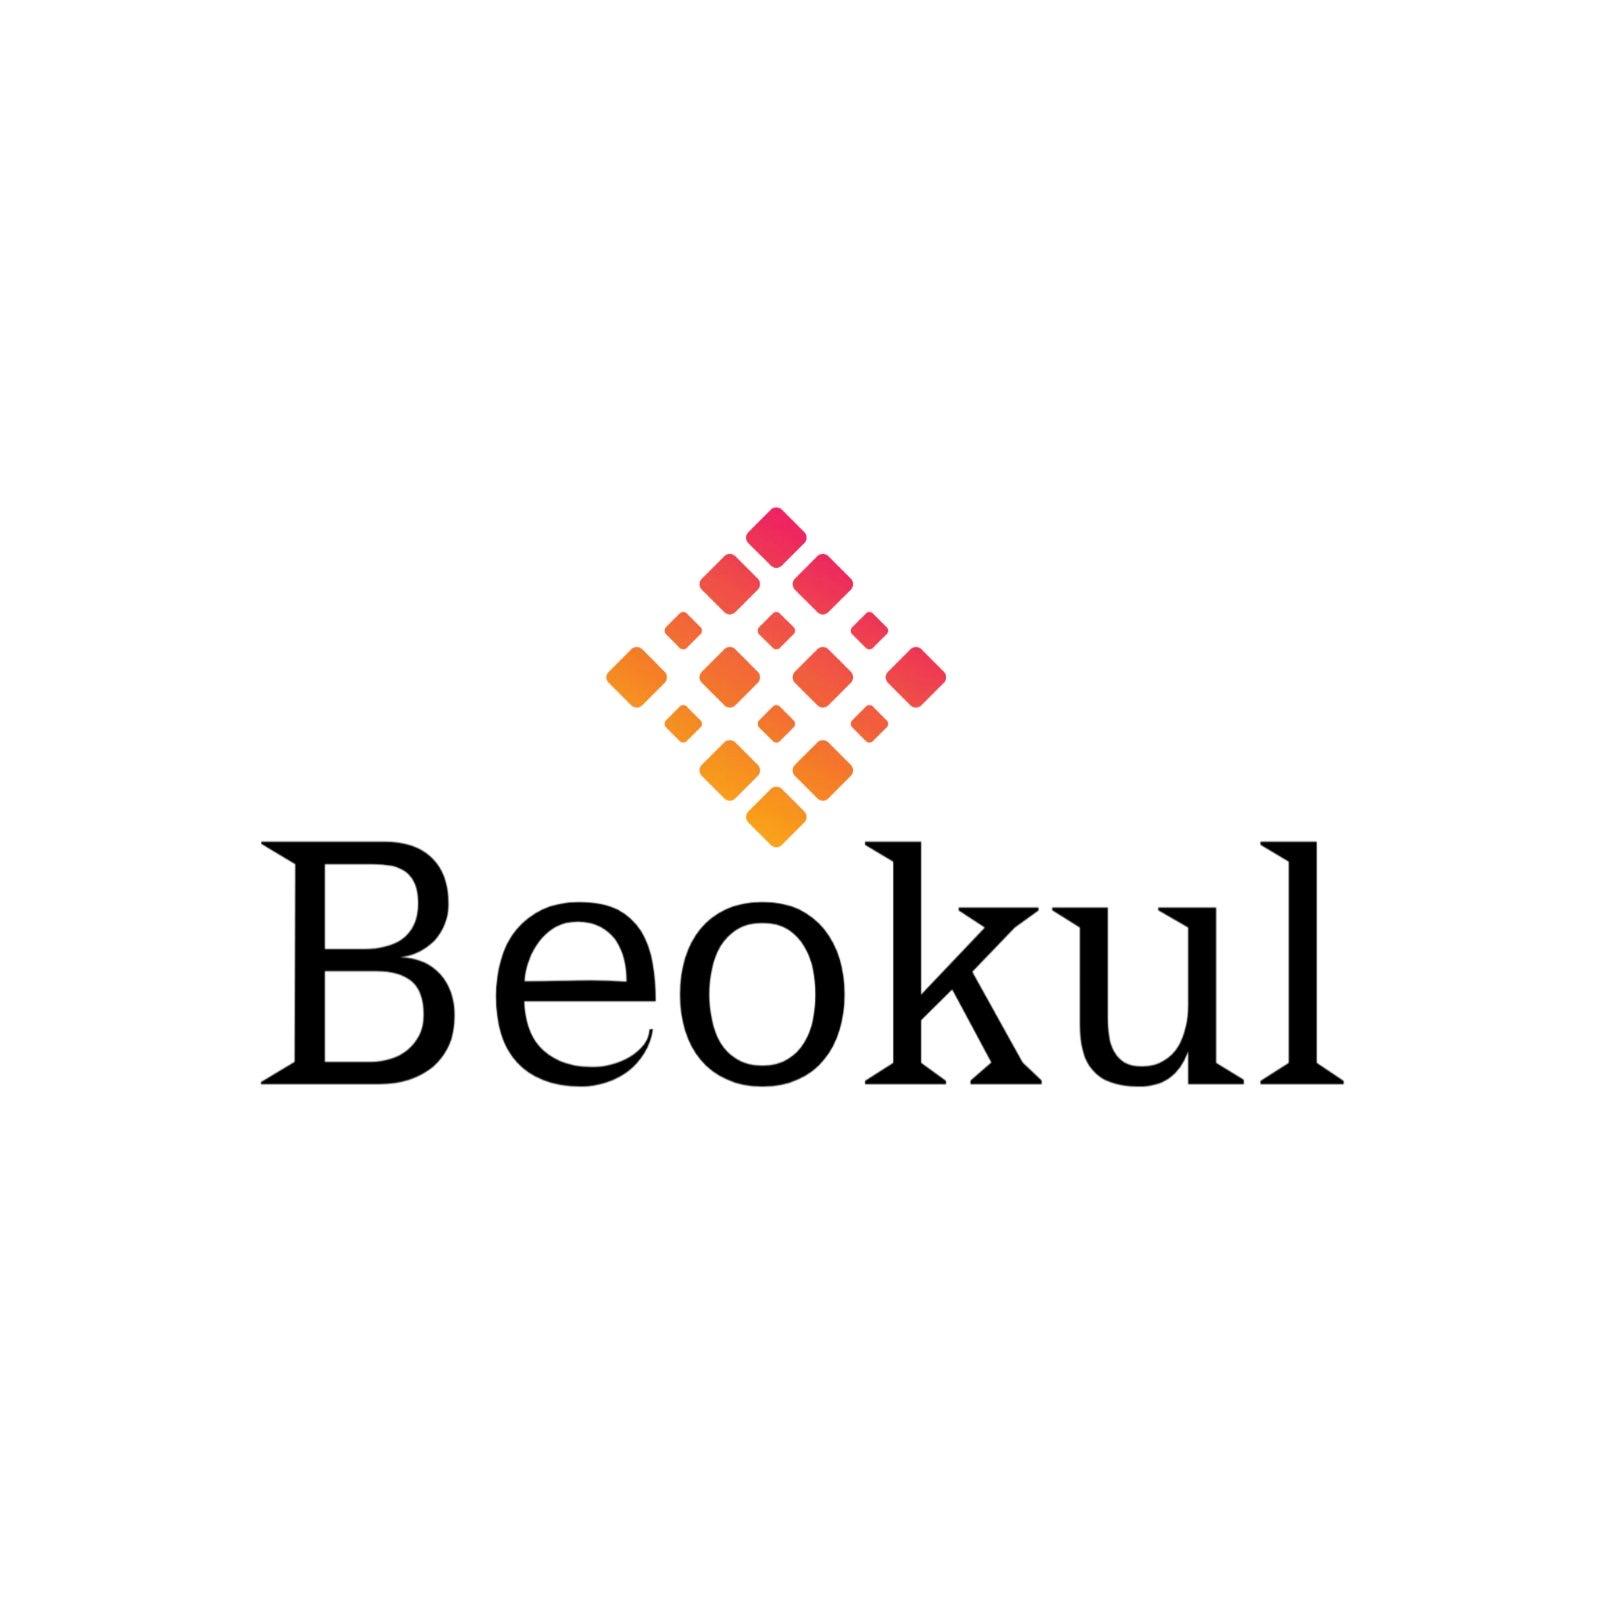 BeoKul